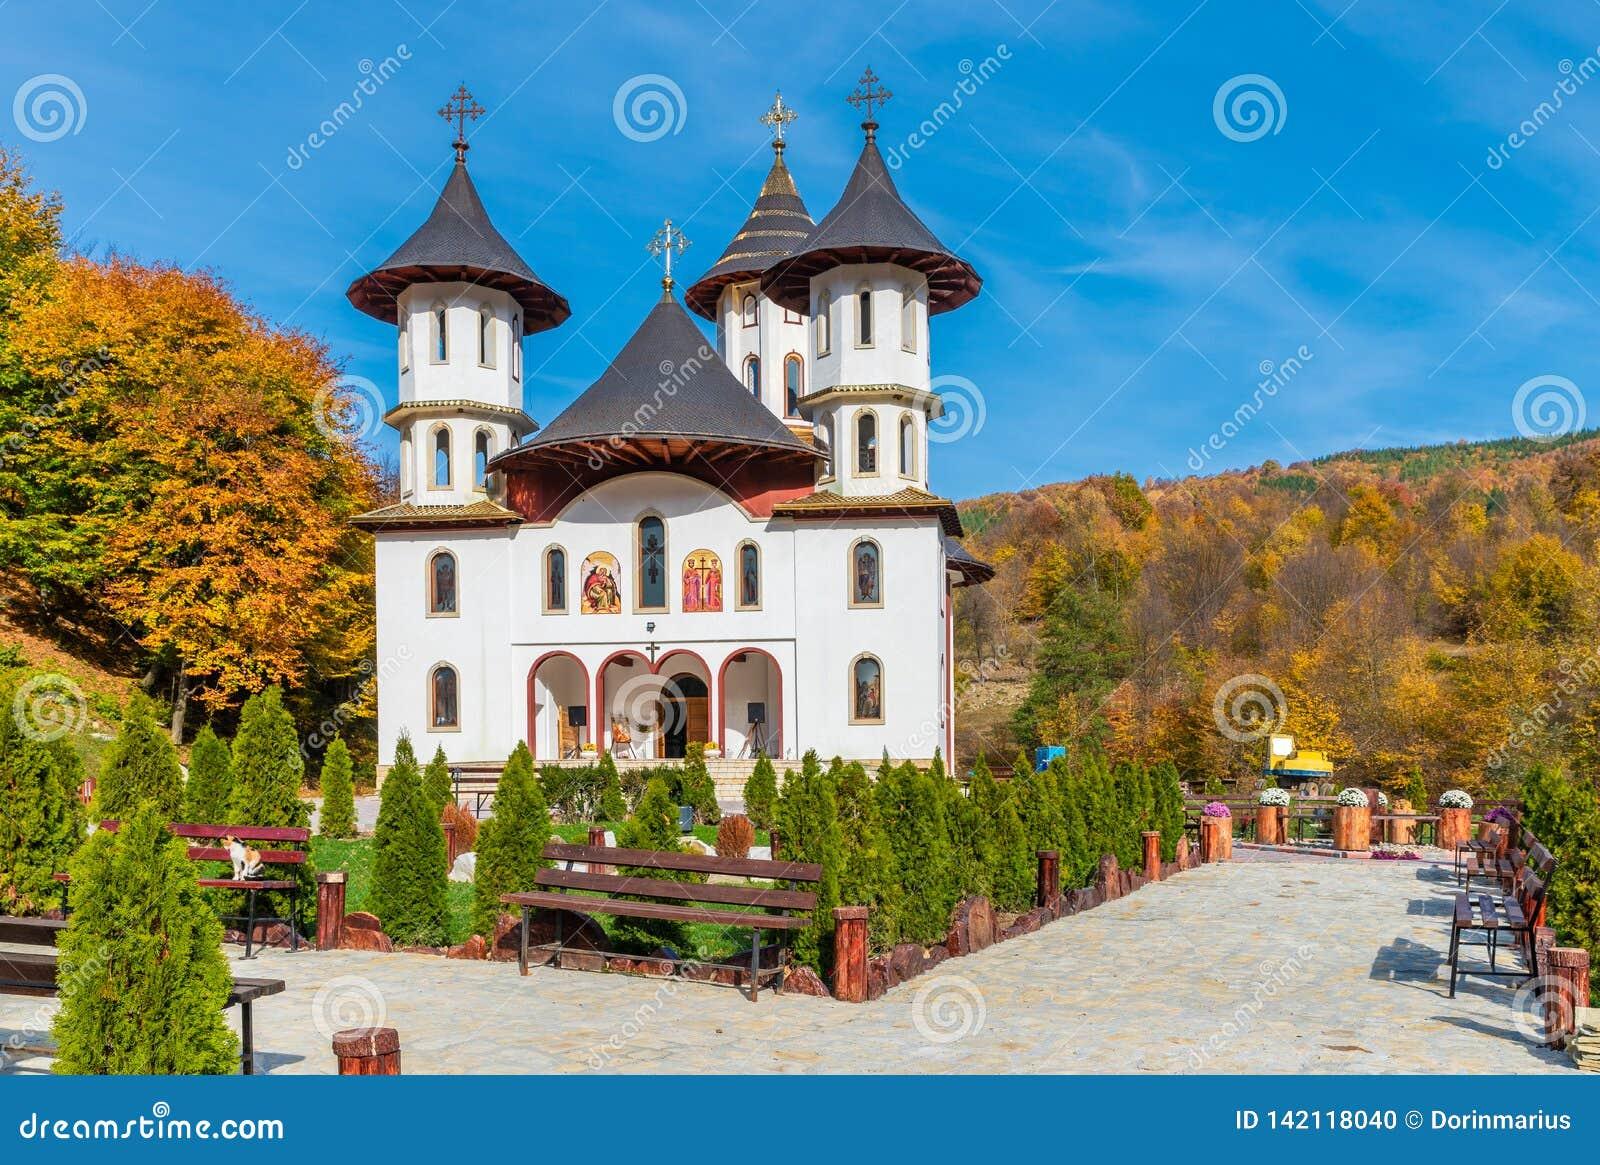 Codreanu ortodox monastery